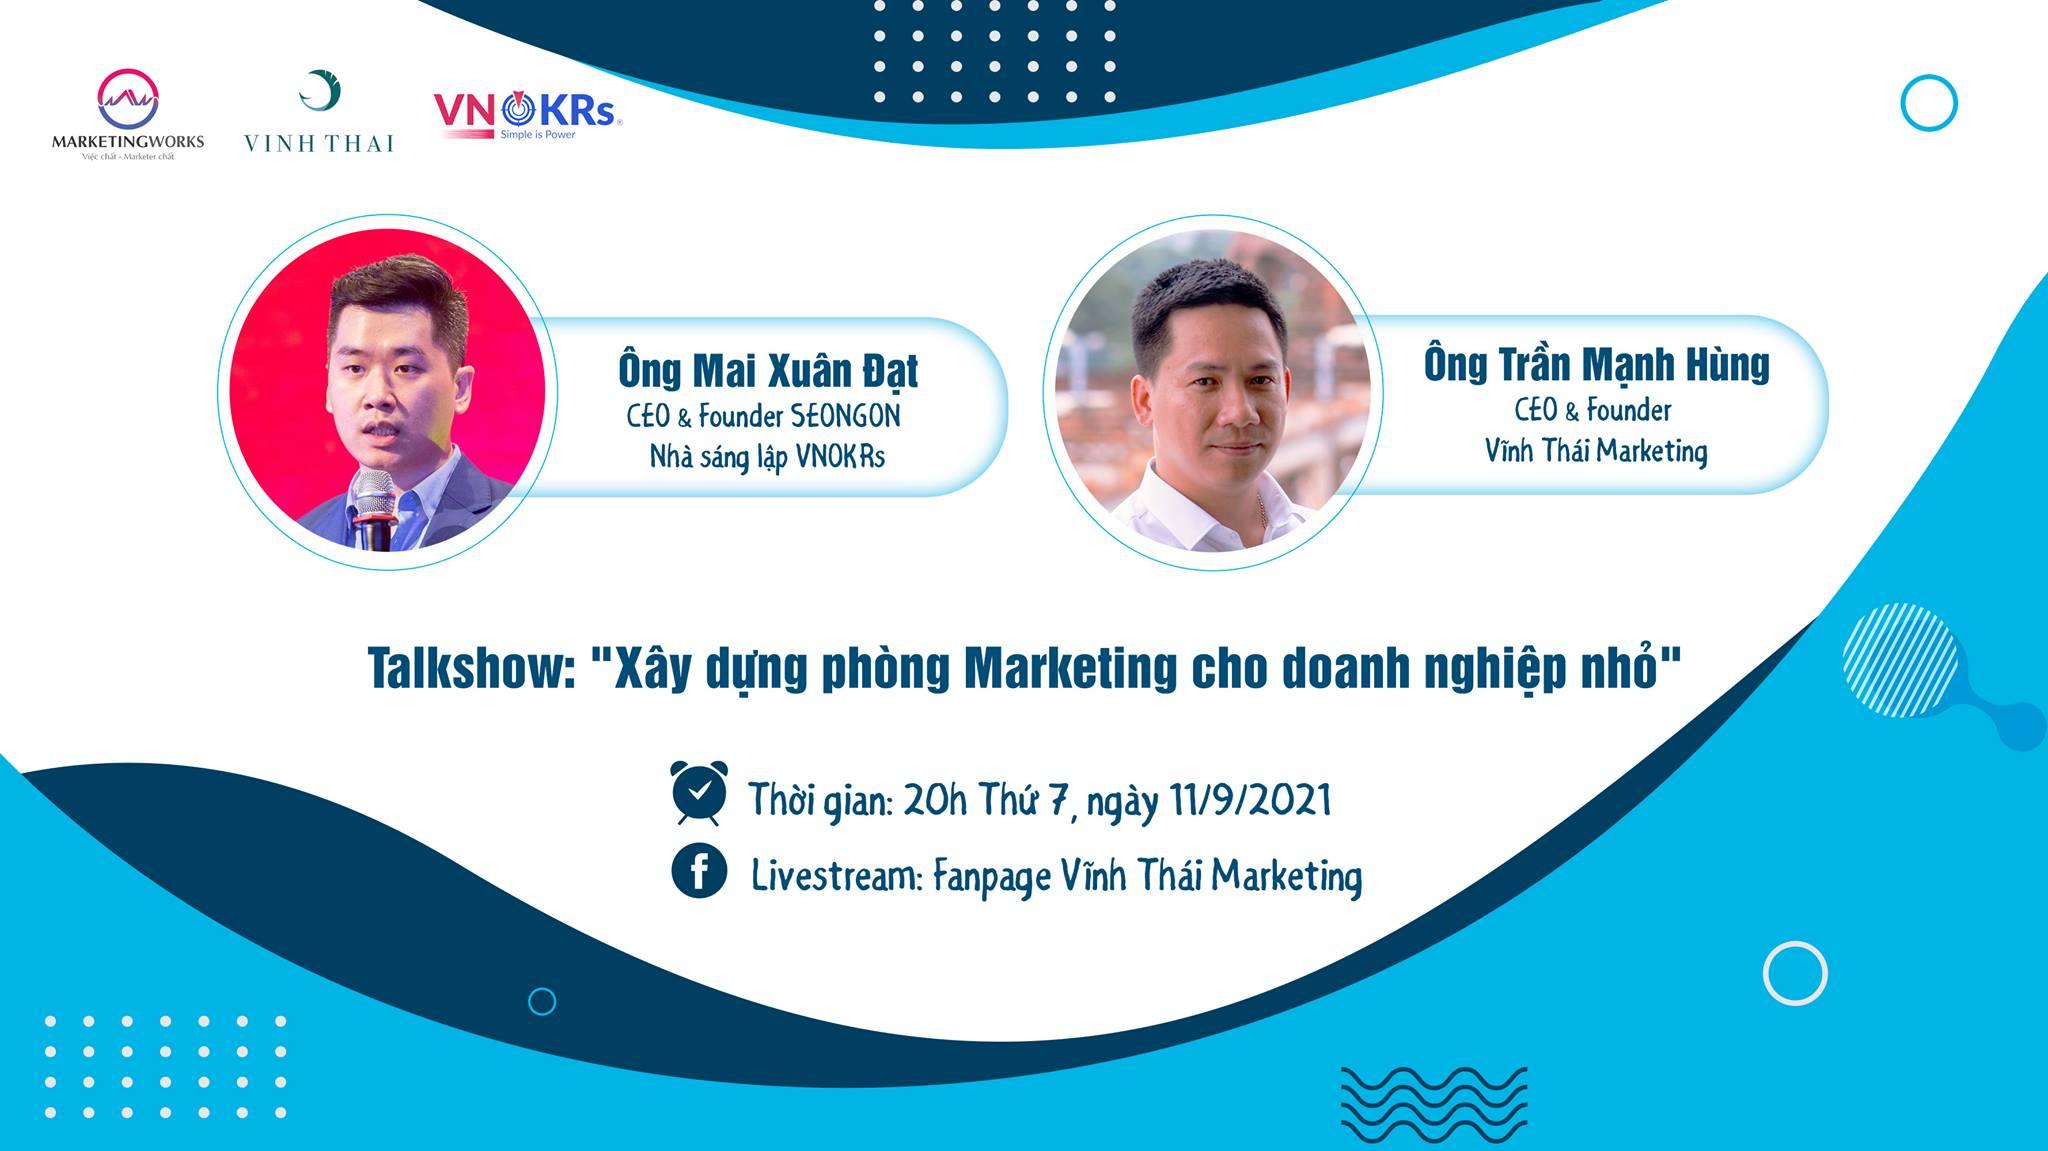 Talkshow_Xay_dung_phong_Marketing_cho_doanh_nghiep_nho